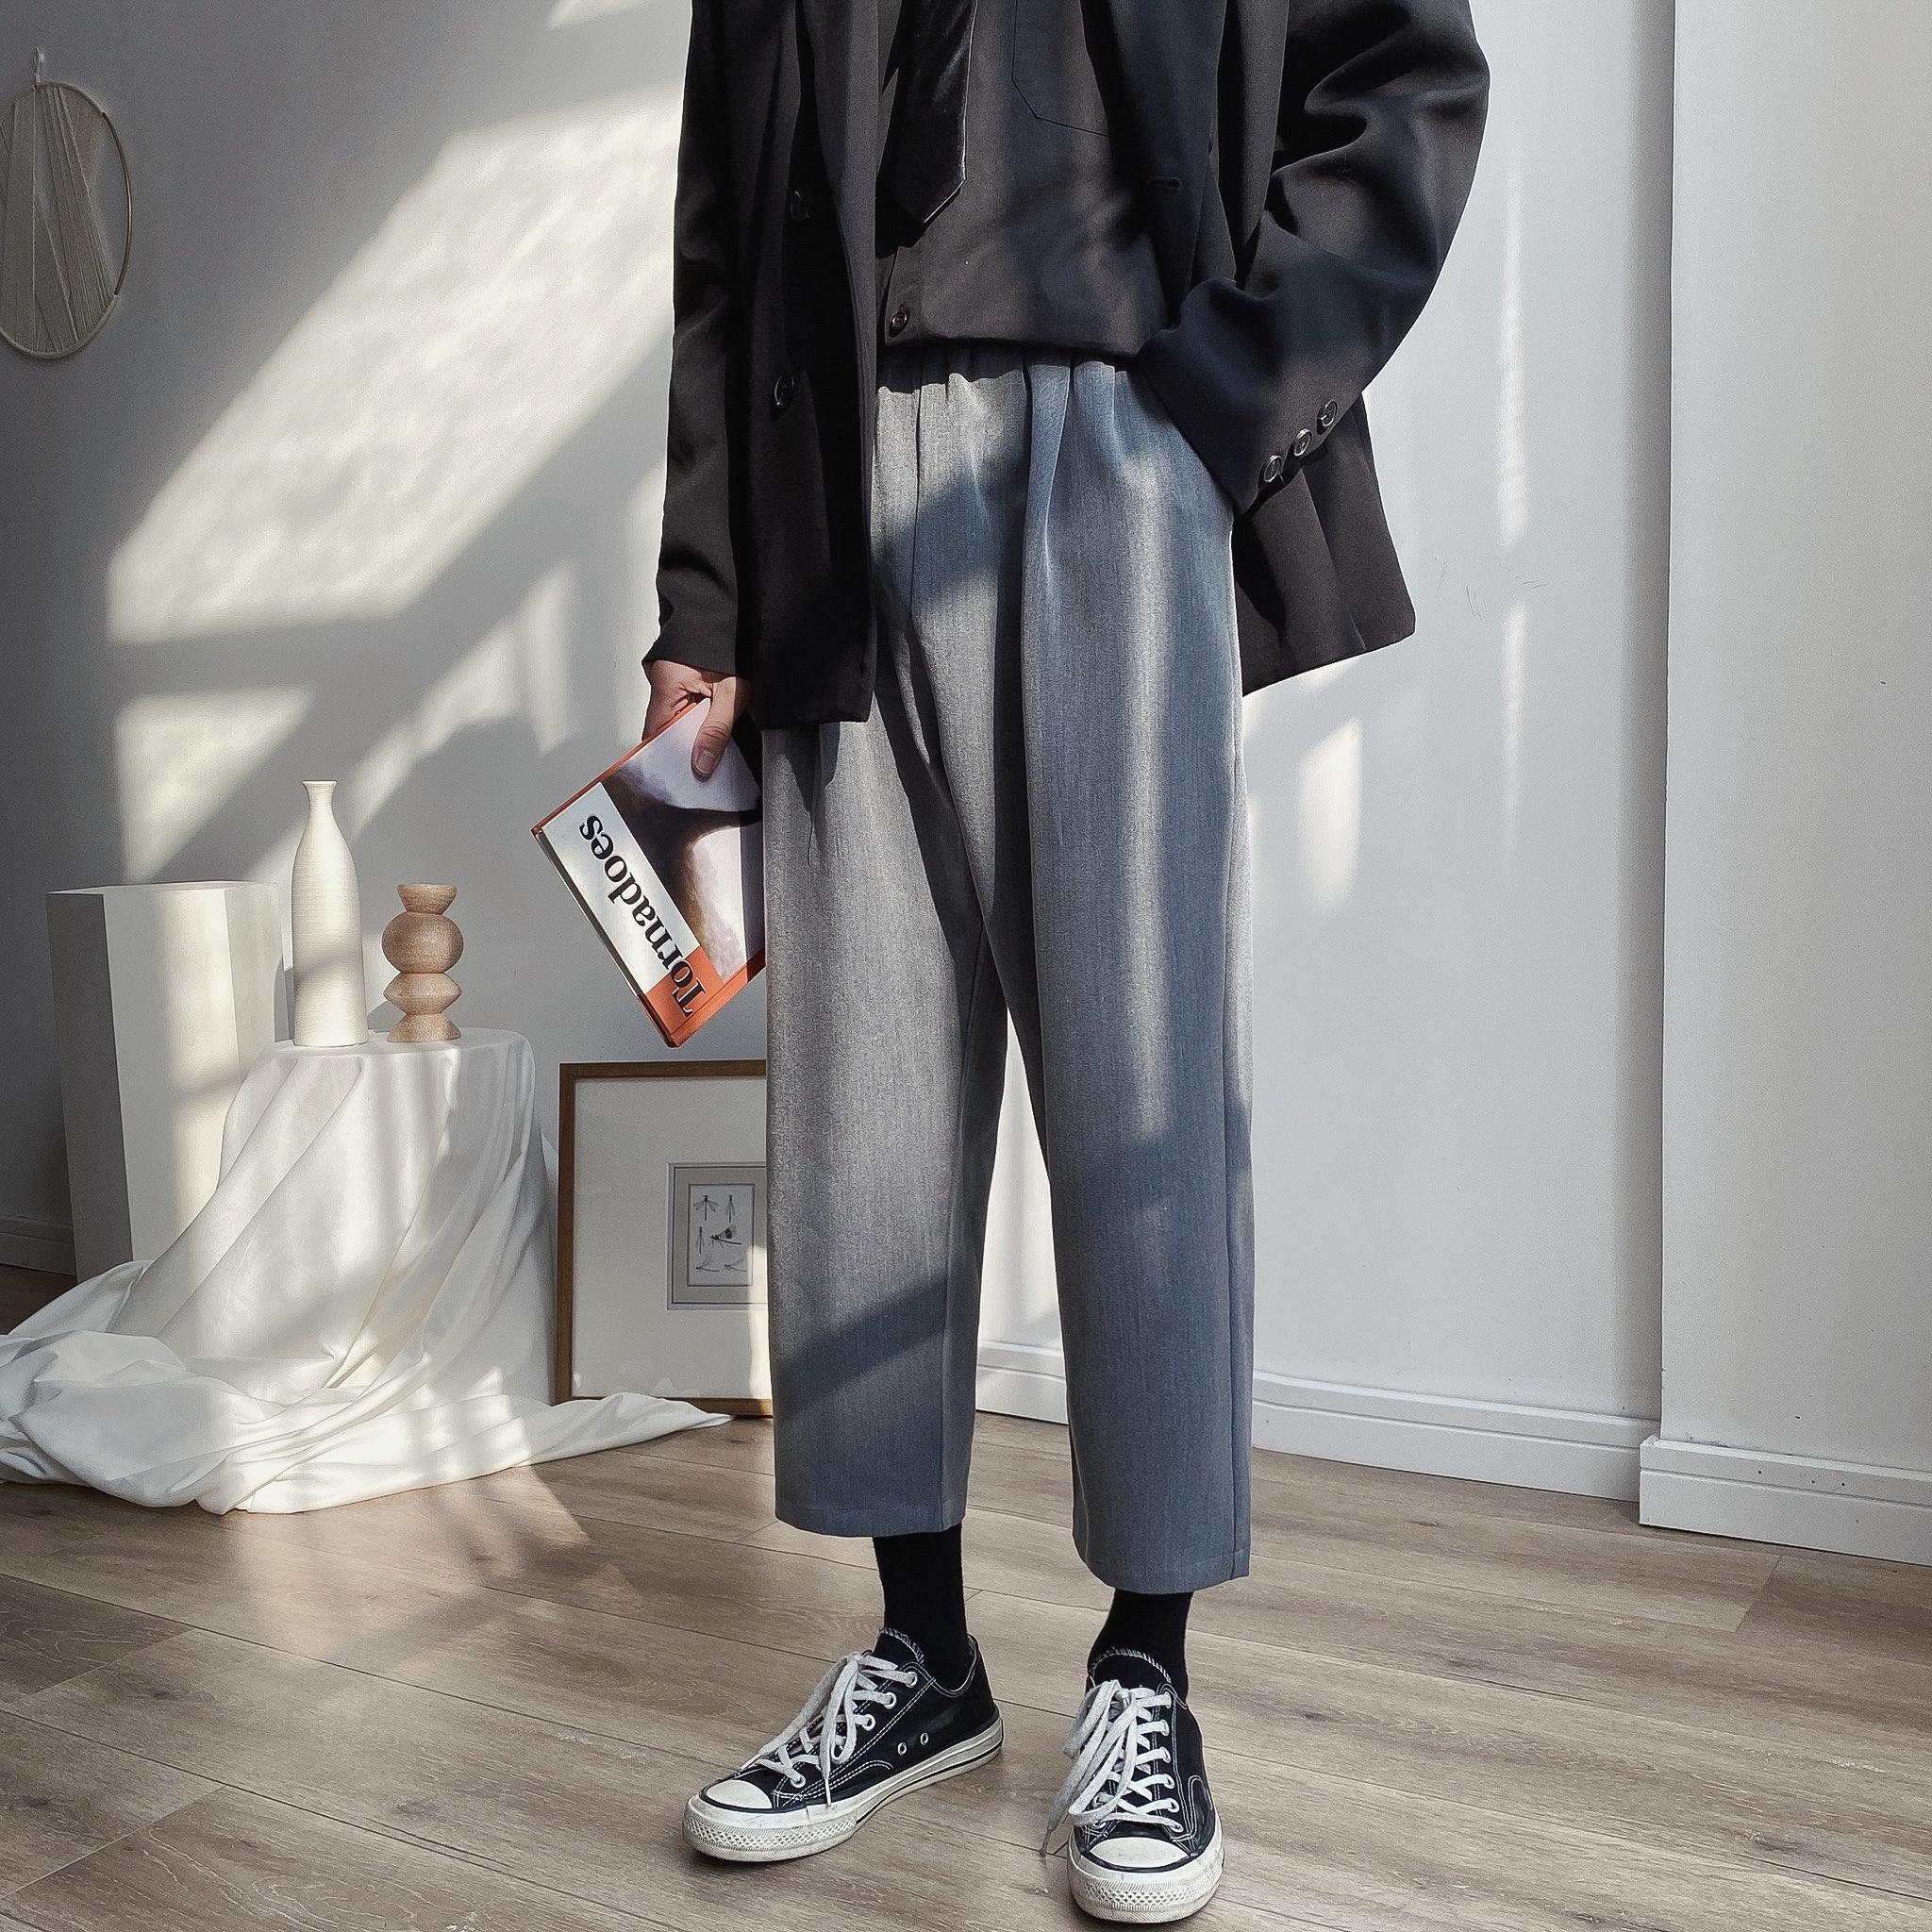 2020春季 男士 九分裤 休闲小西裤A009-H412-P45 60%棉 40涤纶